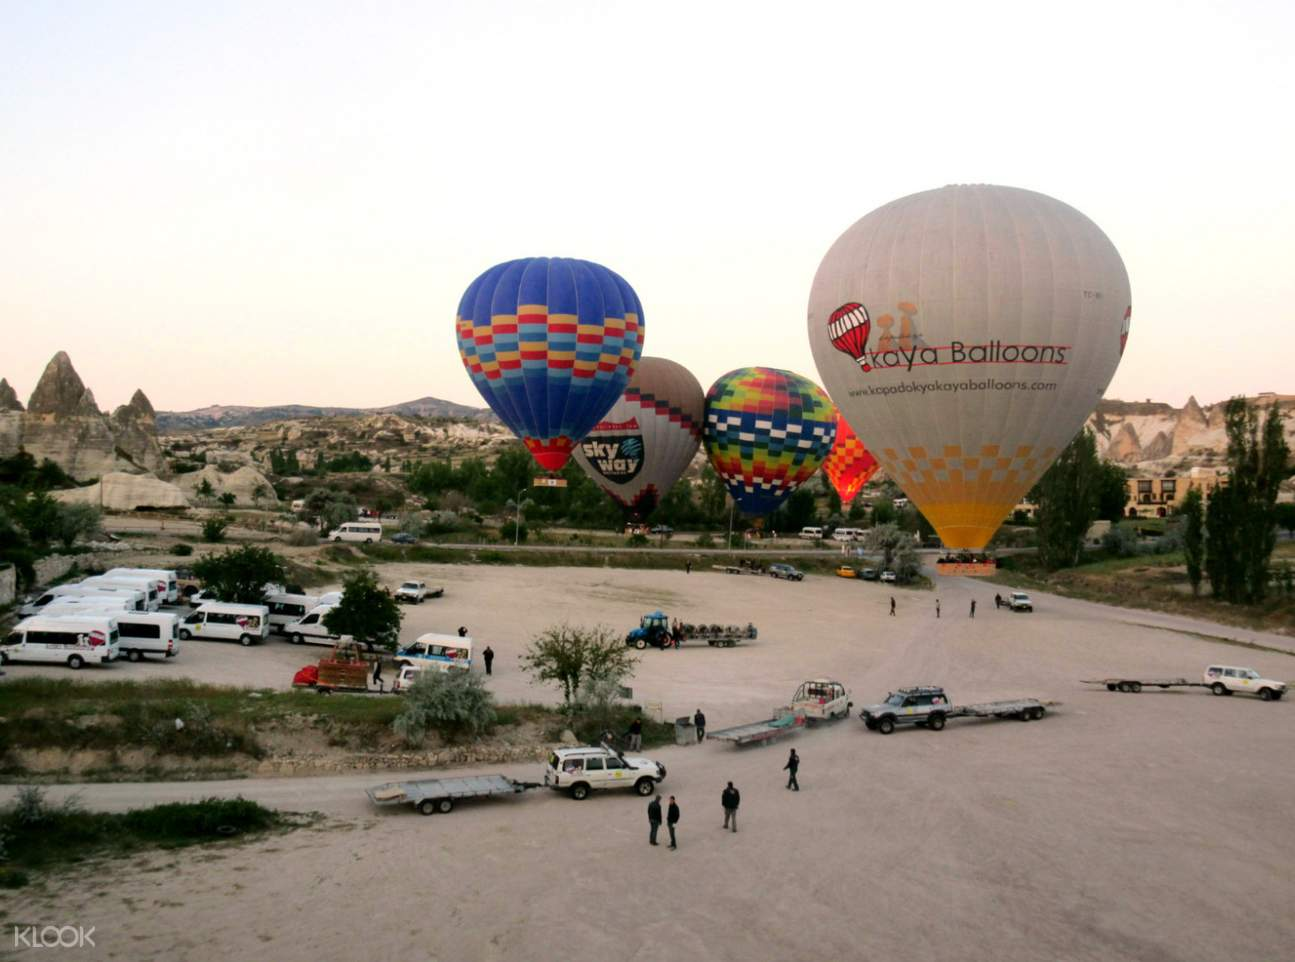 卡帕多奇亚热气球飞行